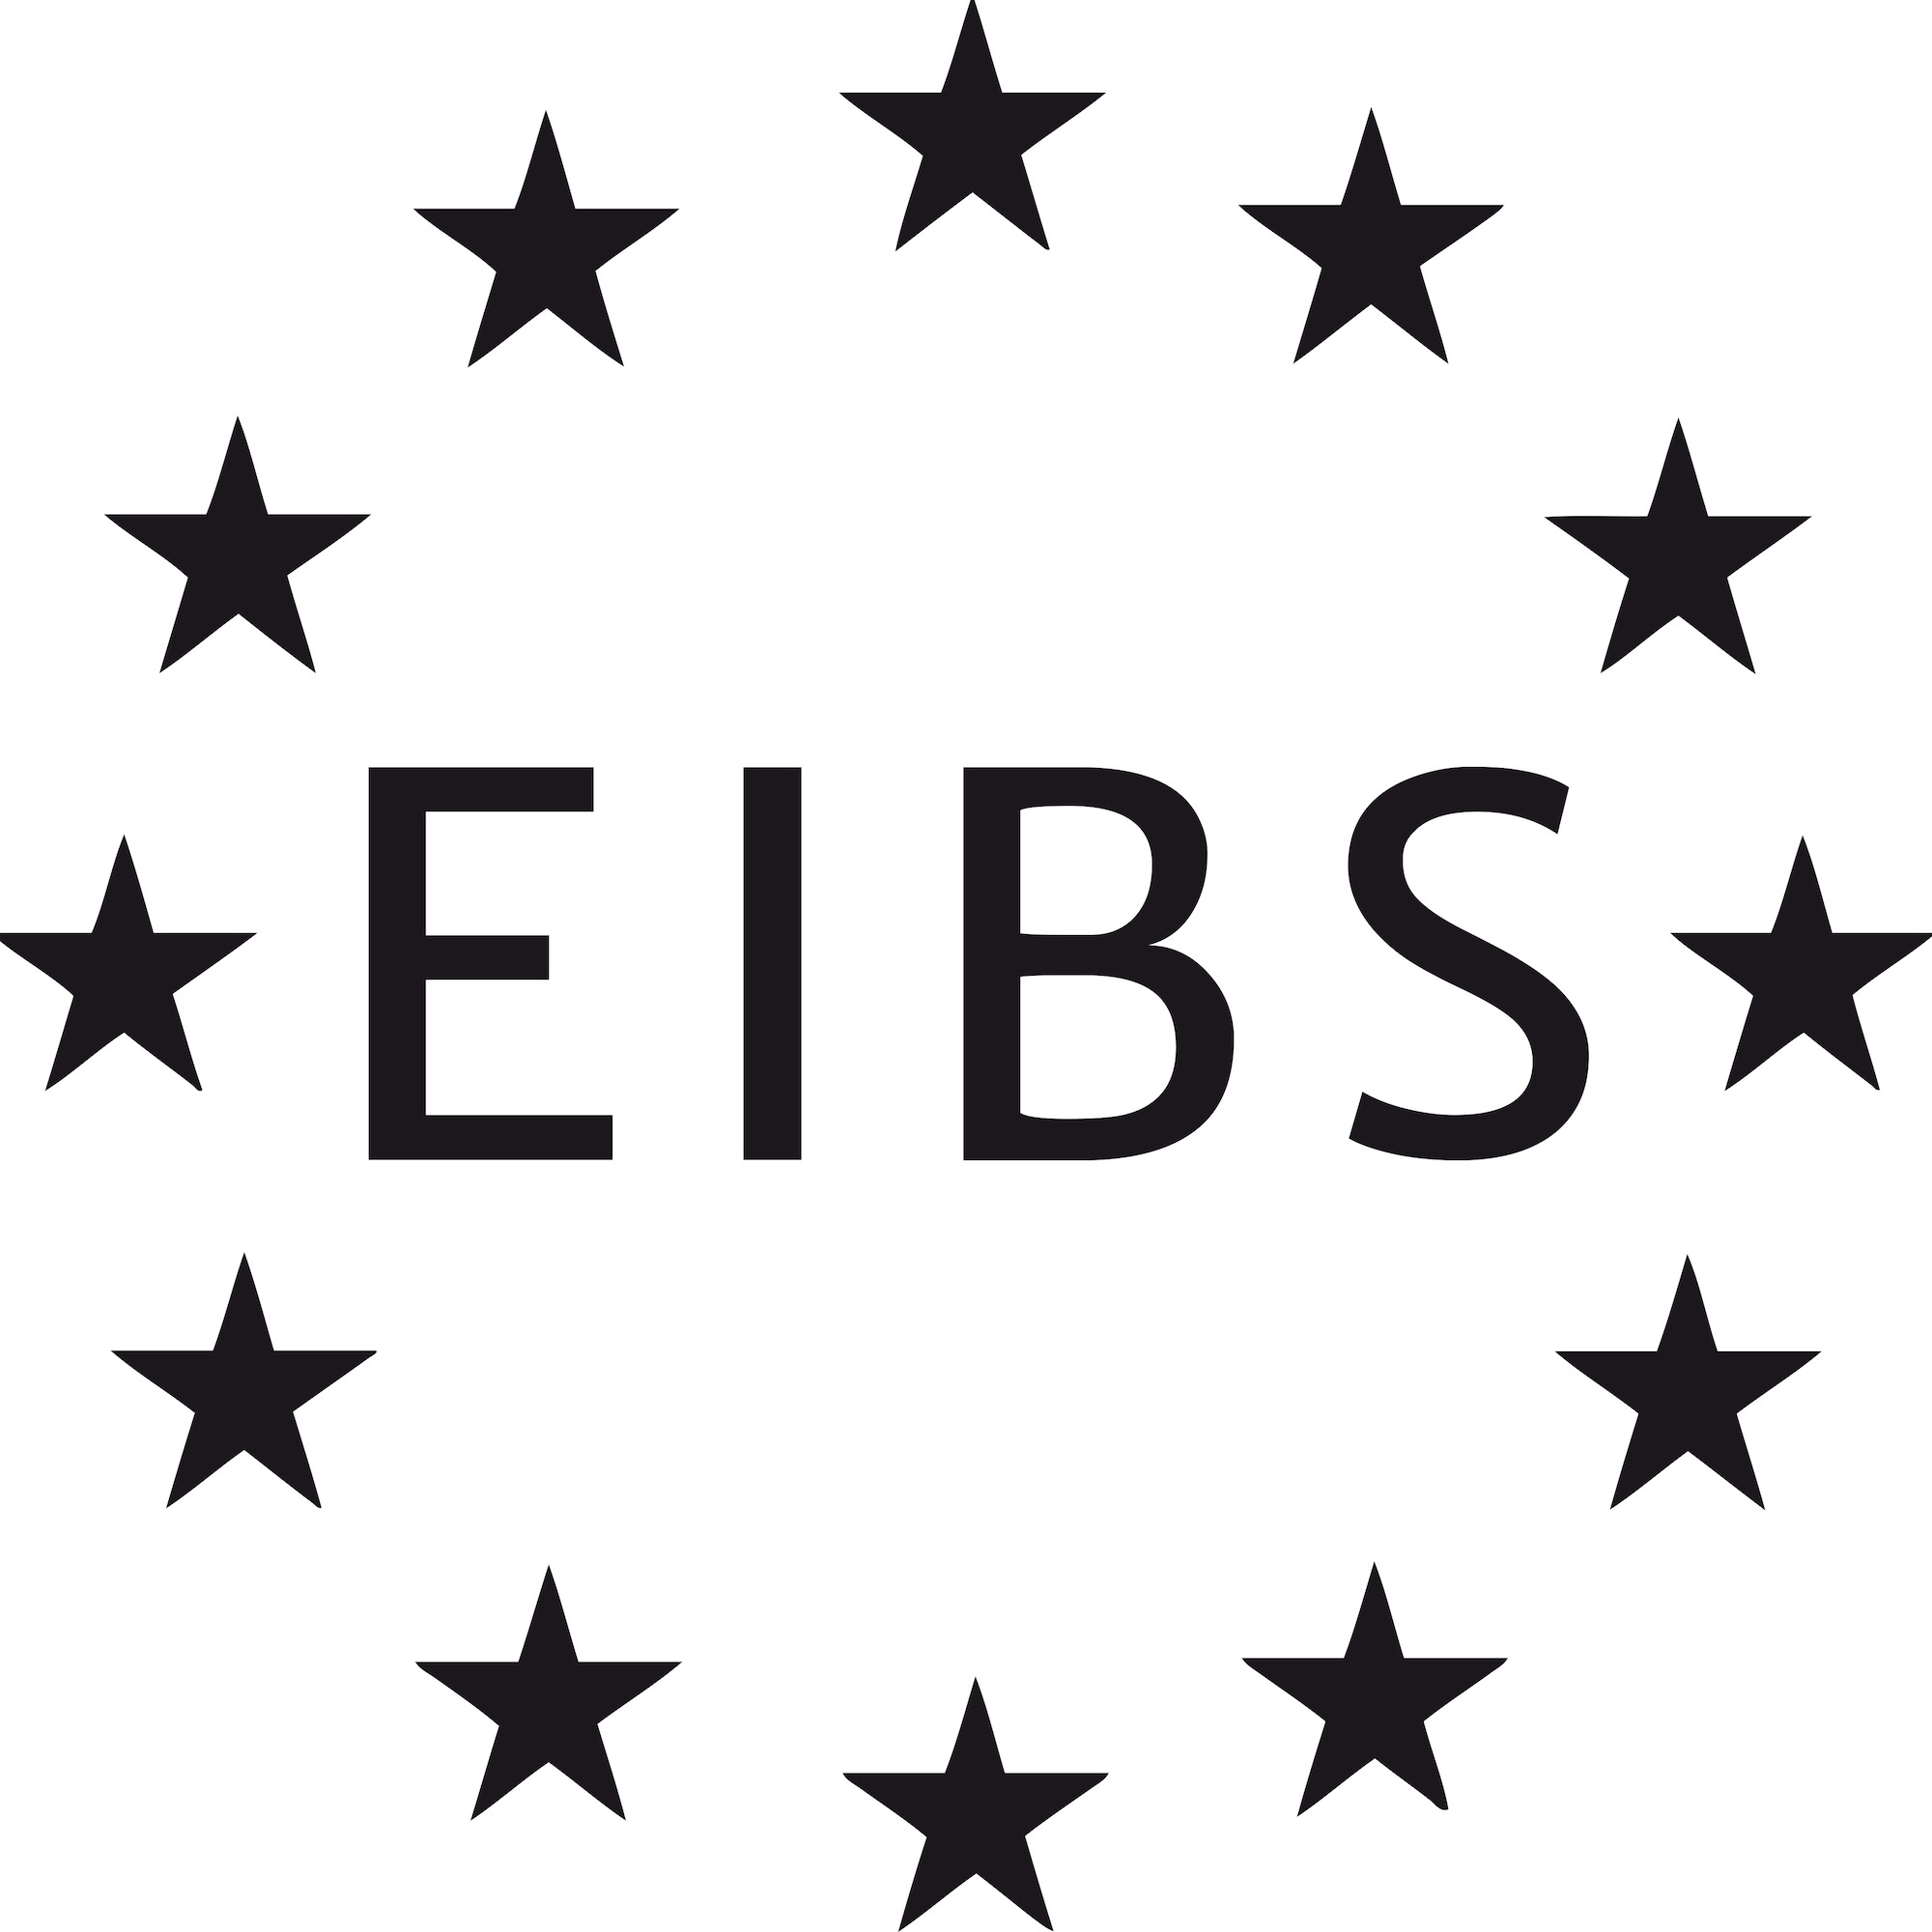 Les 5 minutes incohérentes d'EIBS